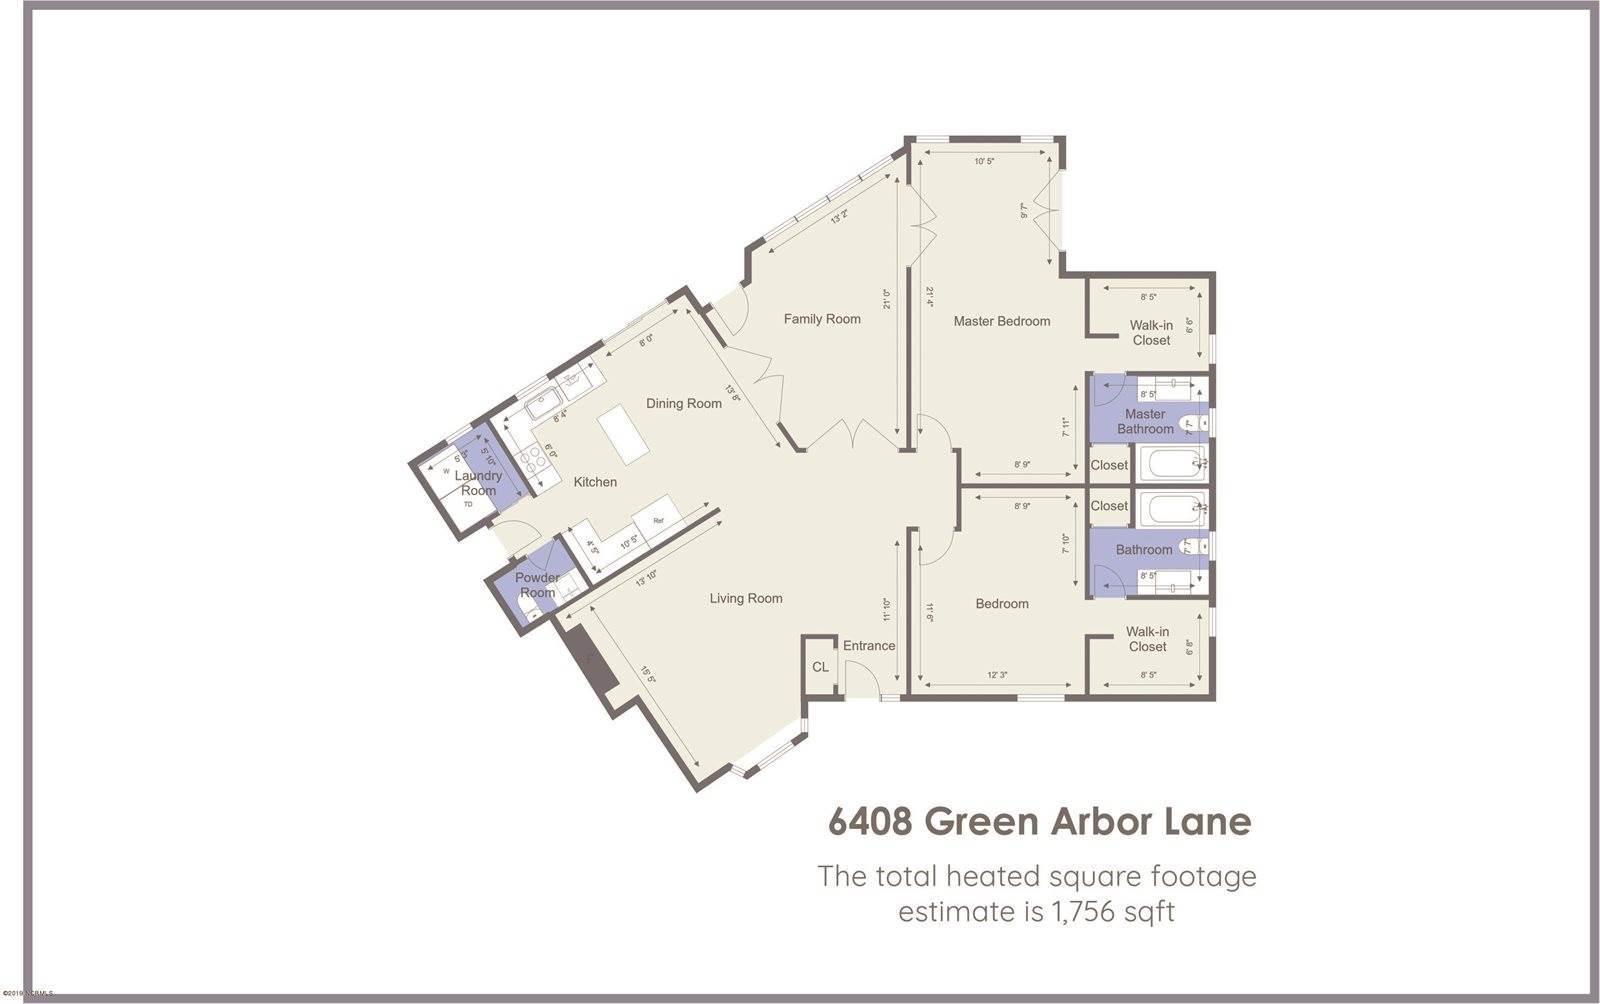 6408 Green Arbor Lane, Wilmington, NC 28409